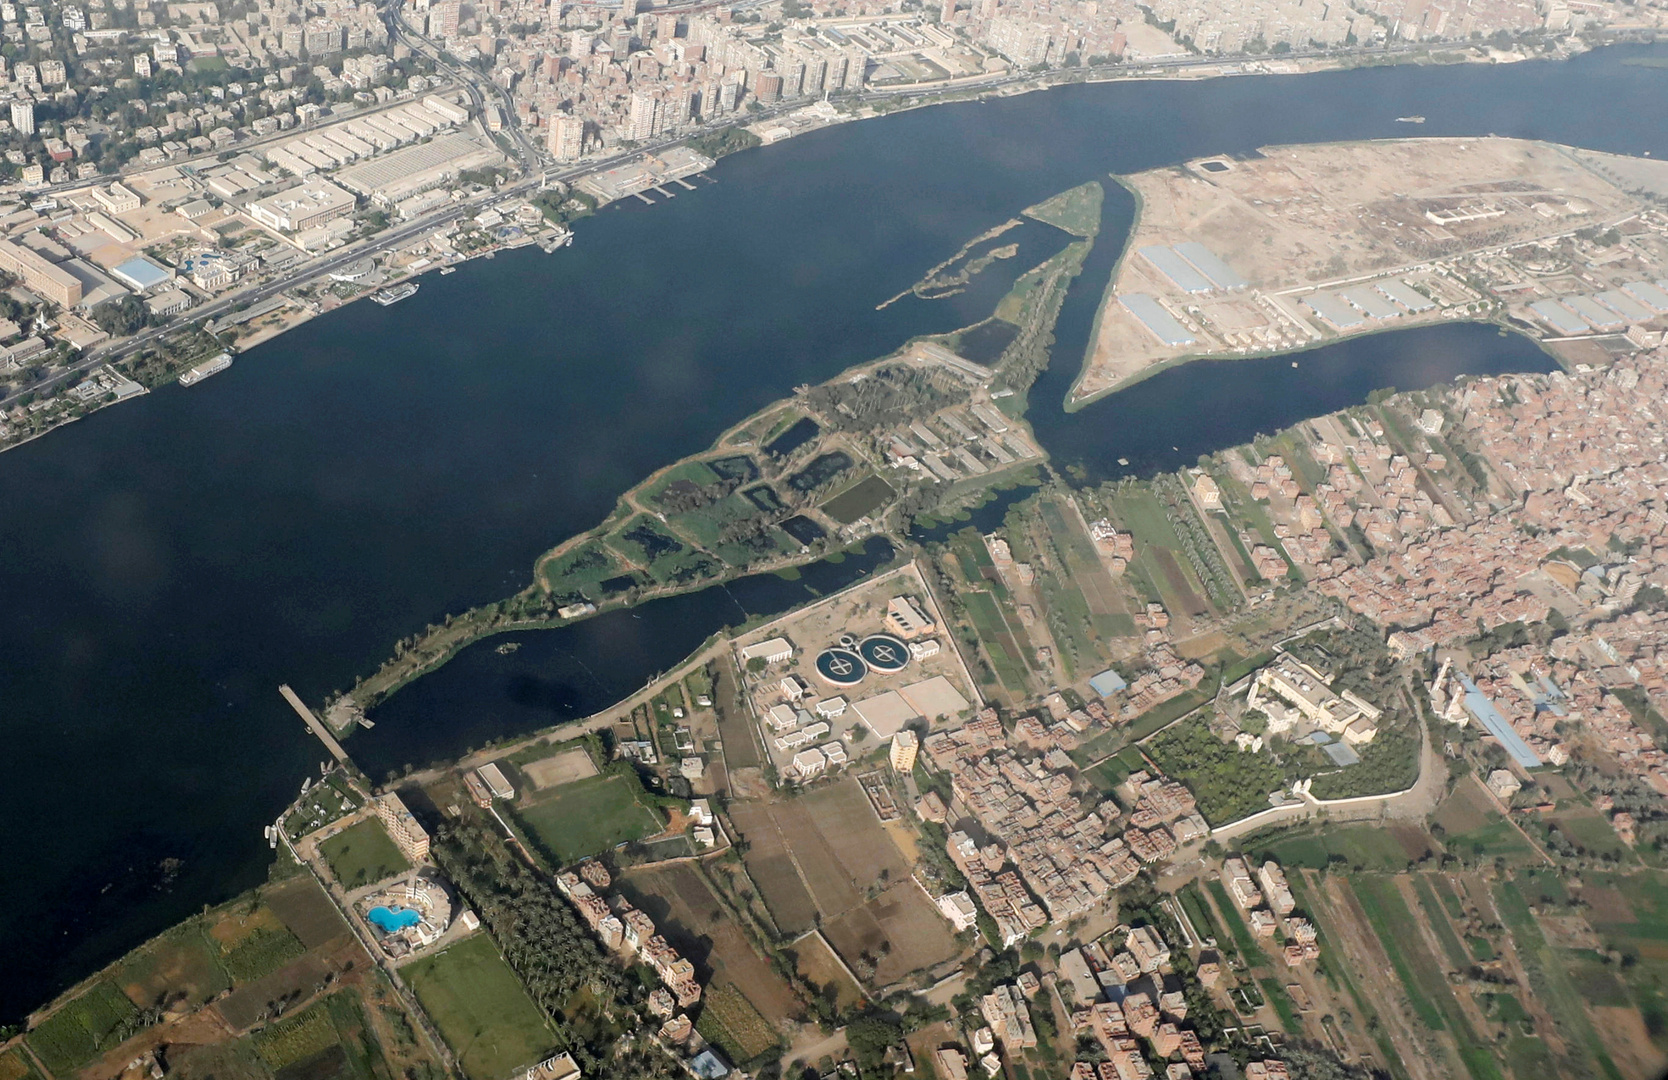 مصر تبحث عن مورد مائي بديل لنهر النيل